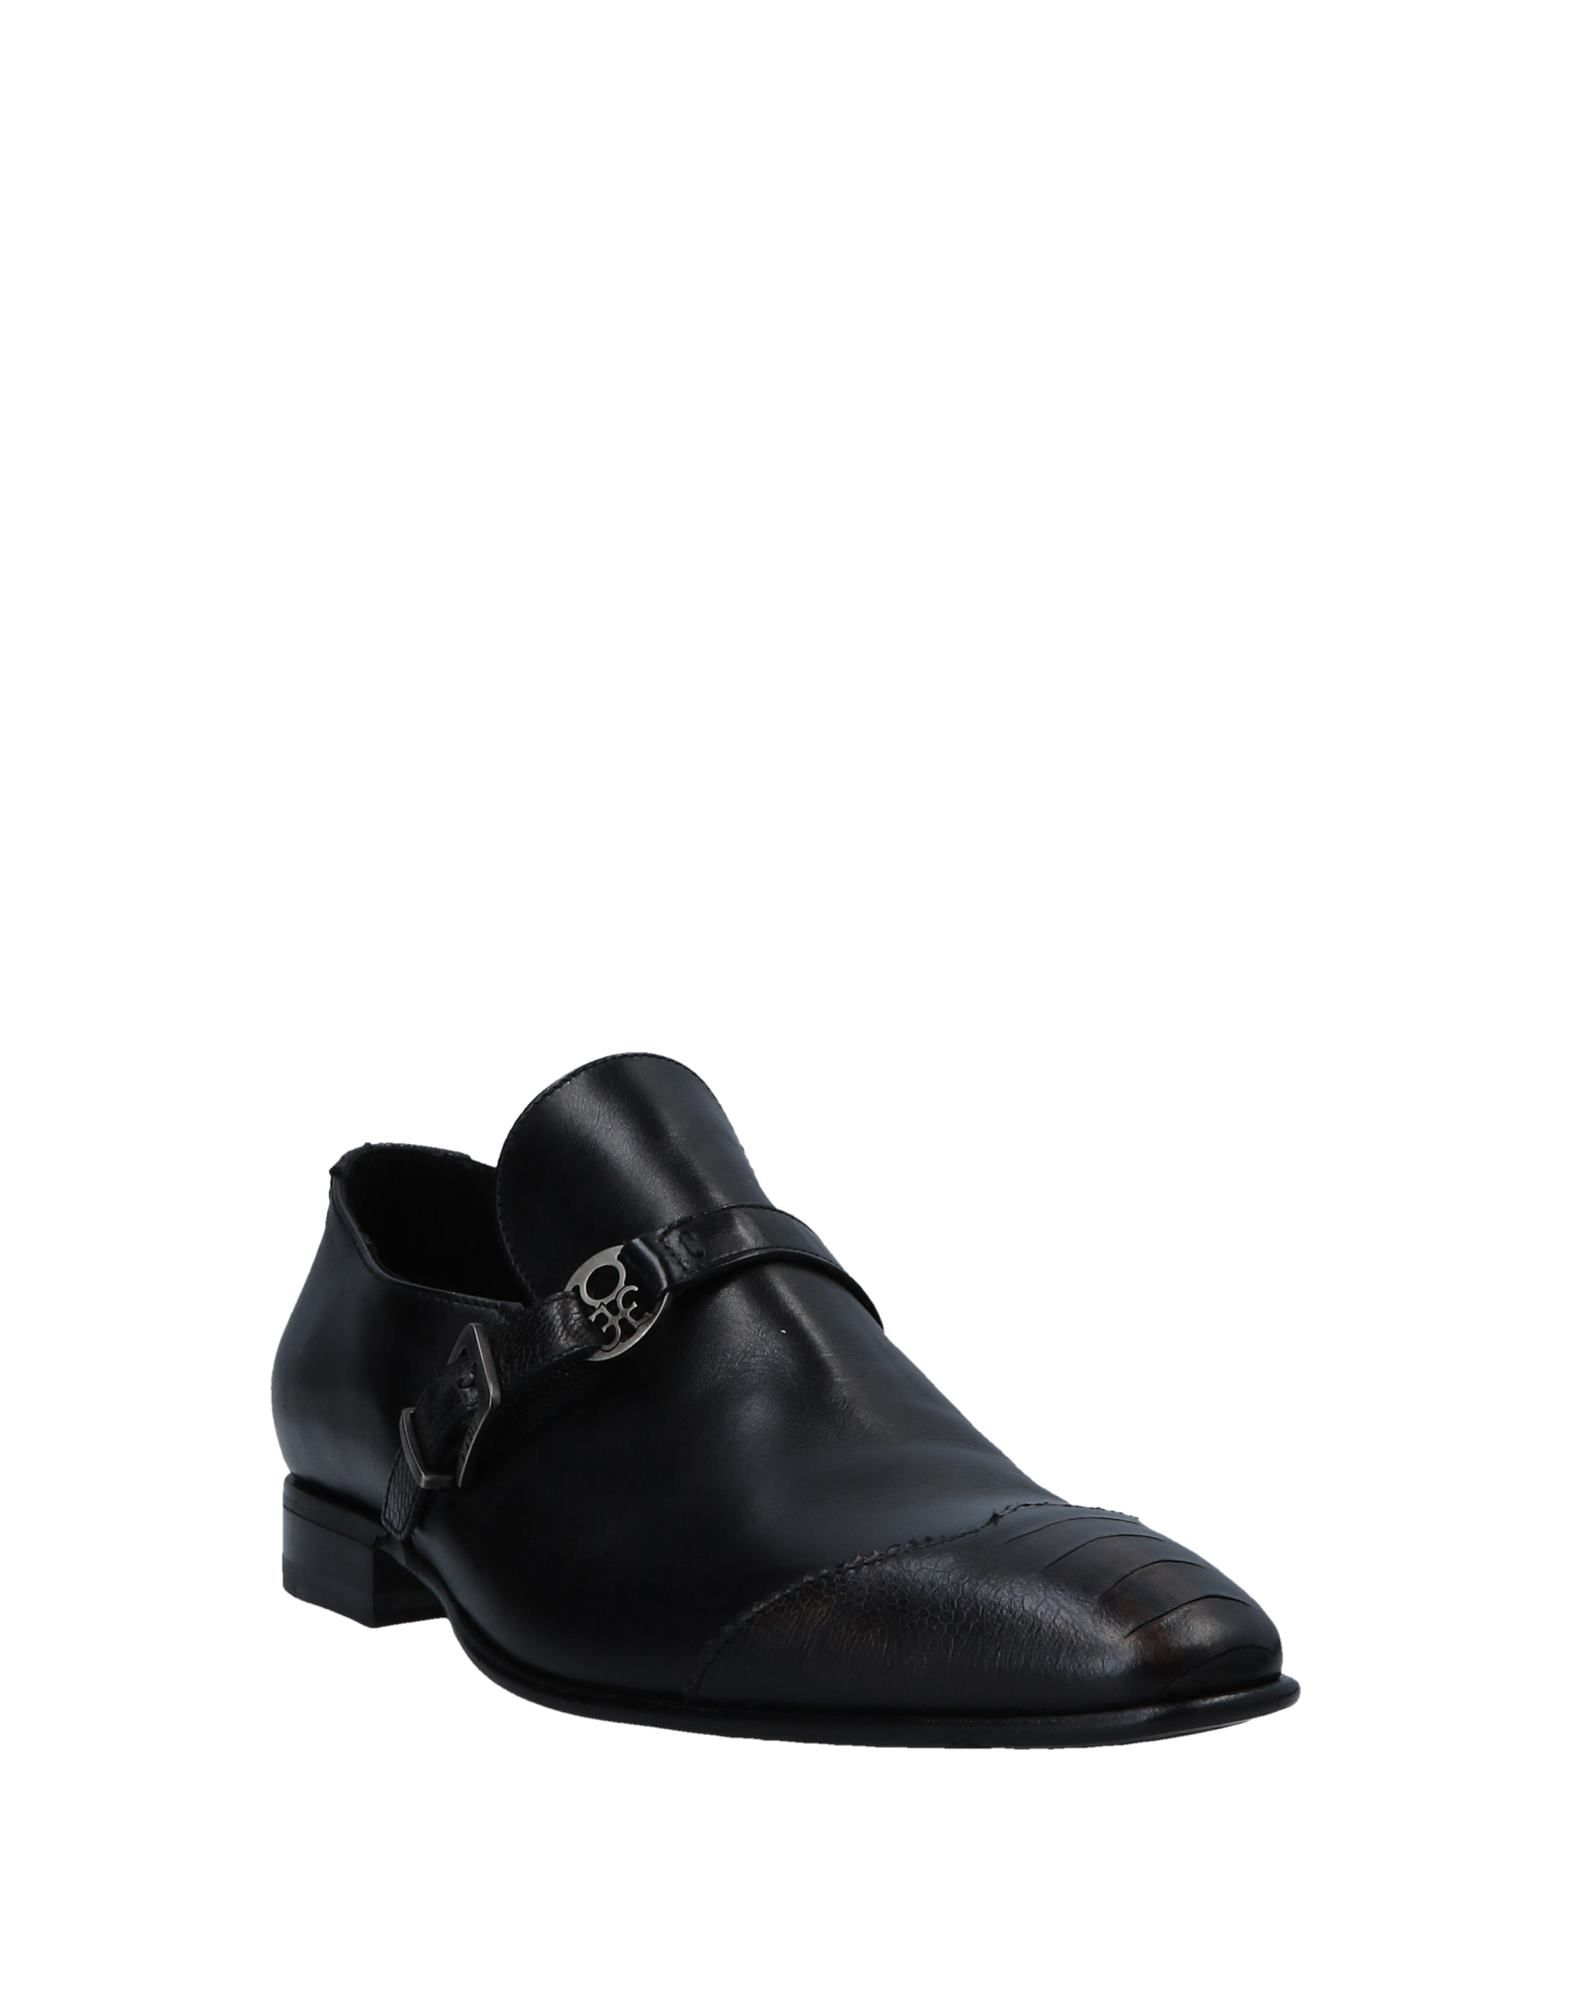 Fabi 11550008HF Mokassins Herren  11550008HF Fabi Gute Qualität beliebte Schuhe d514c9